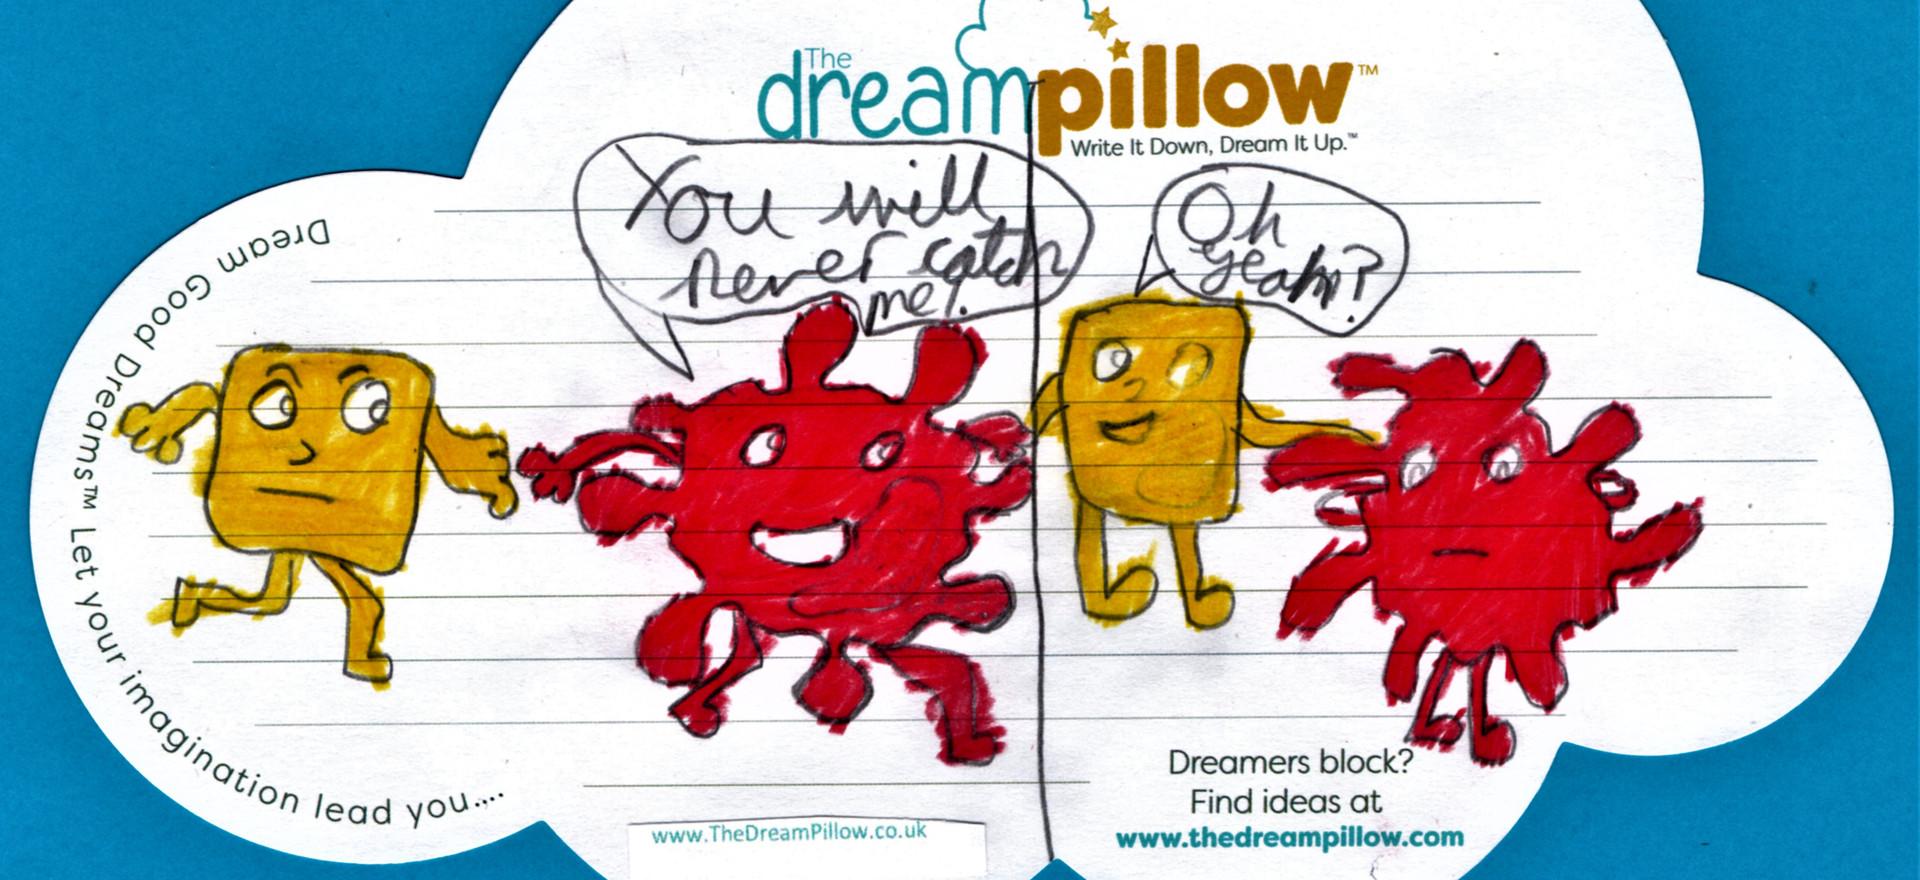 Rachel desde Devon nos ha mandado este dibujo de su sueño dividido en dos.